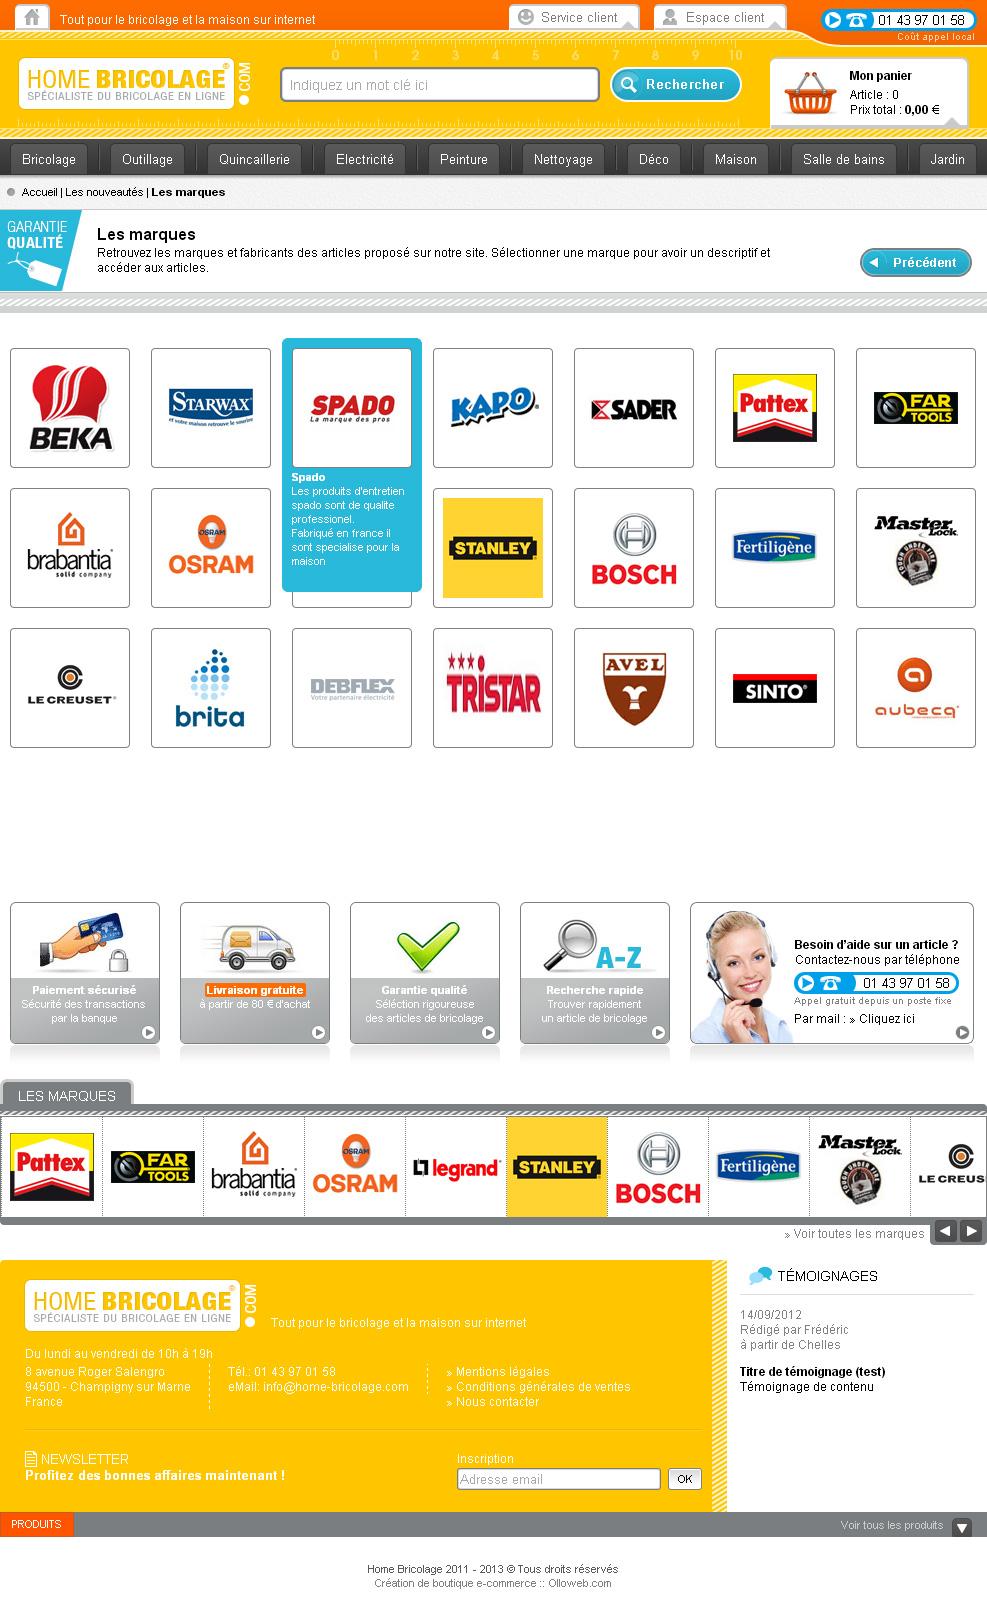 Cration d 39 un site e commerce de vente d 39 article de bricolage crati - Site vente privee bricolage ...